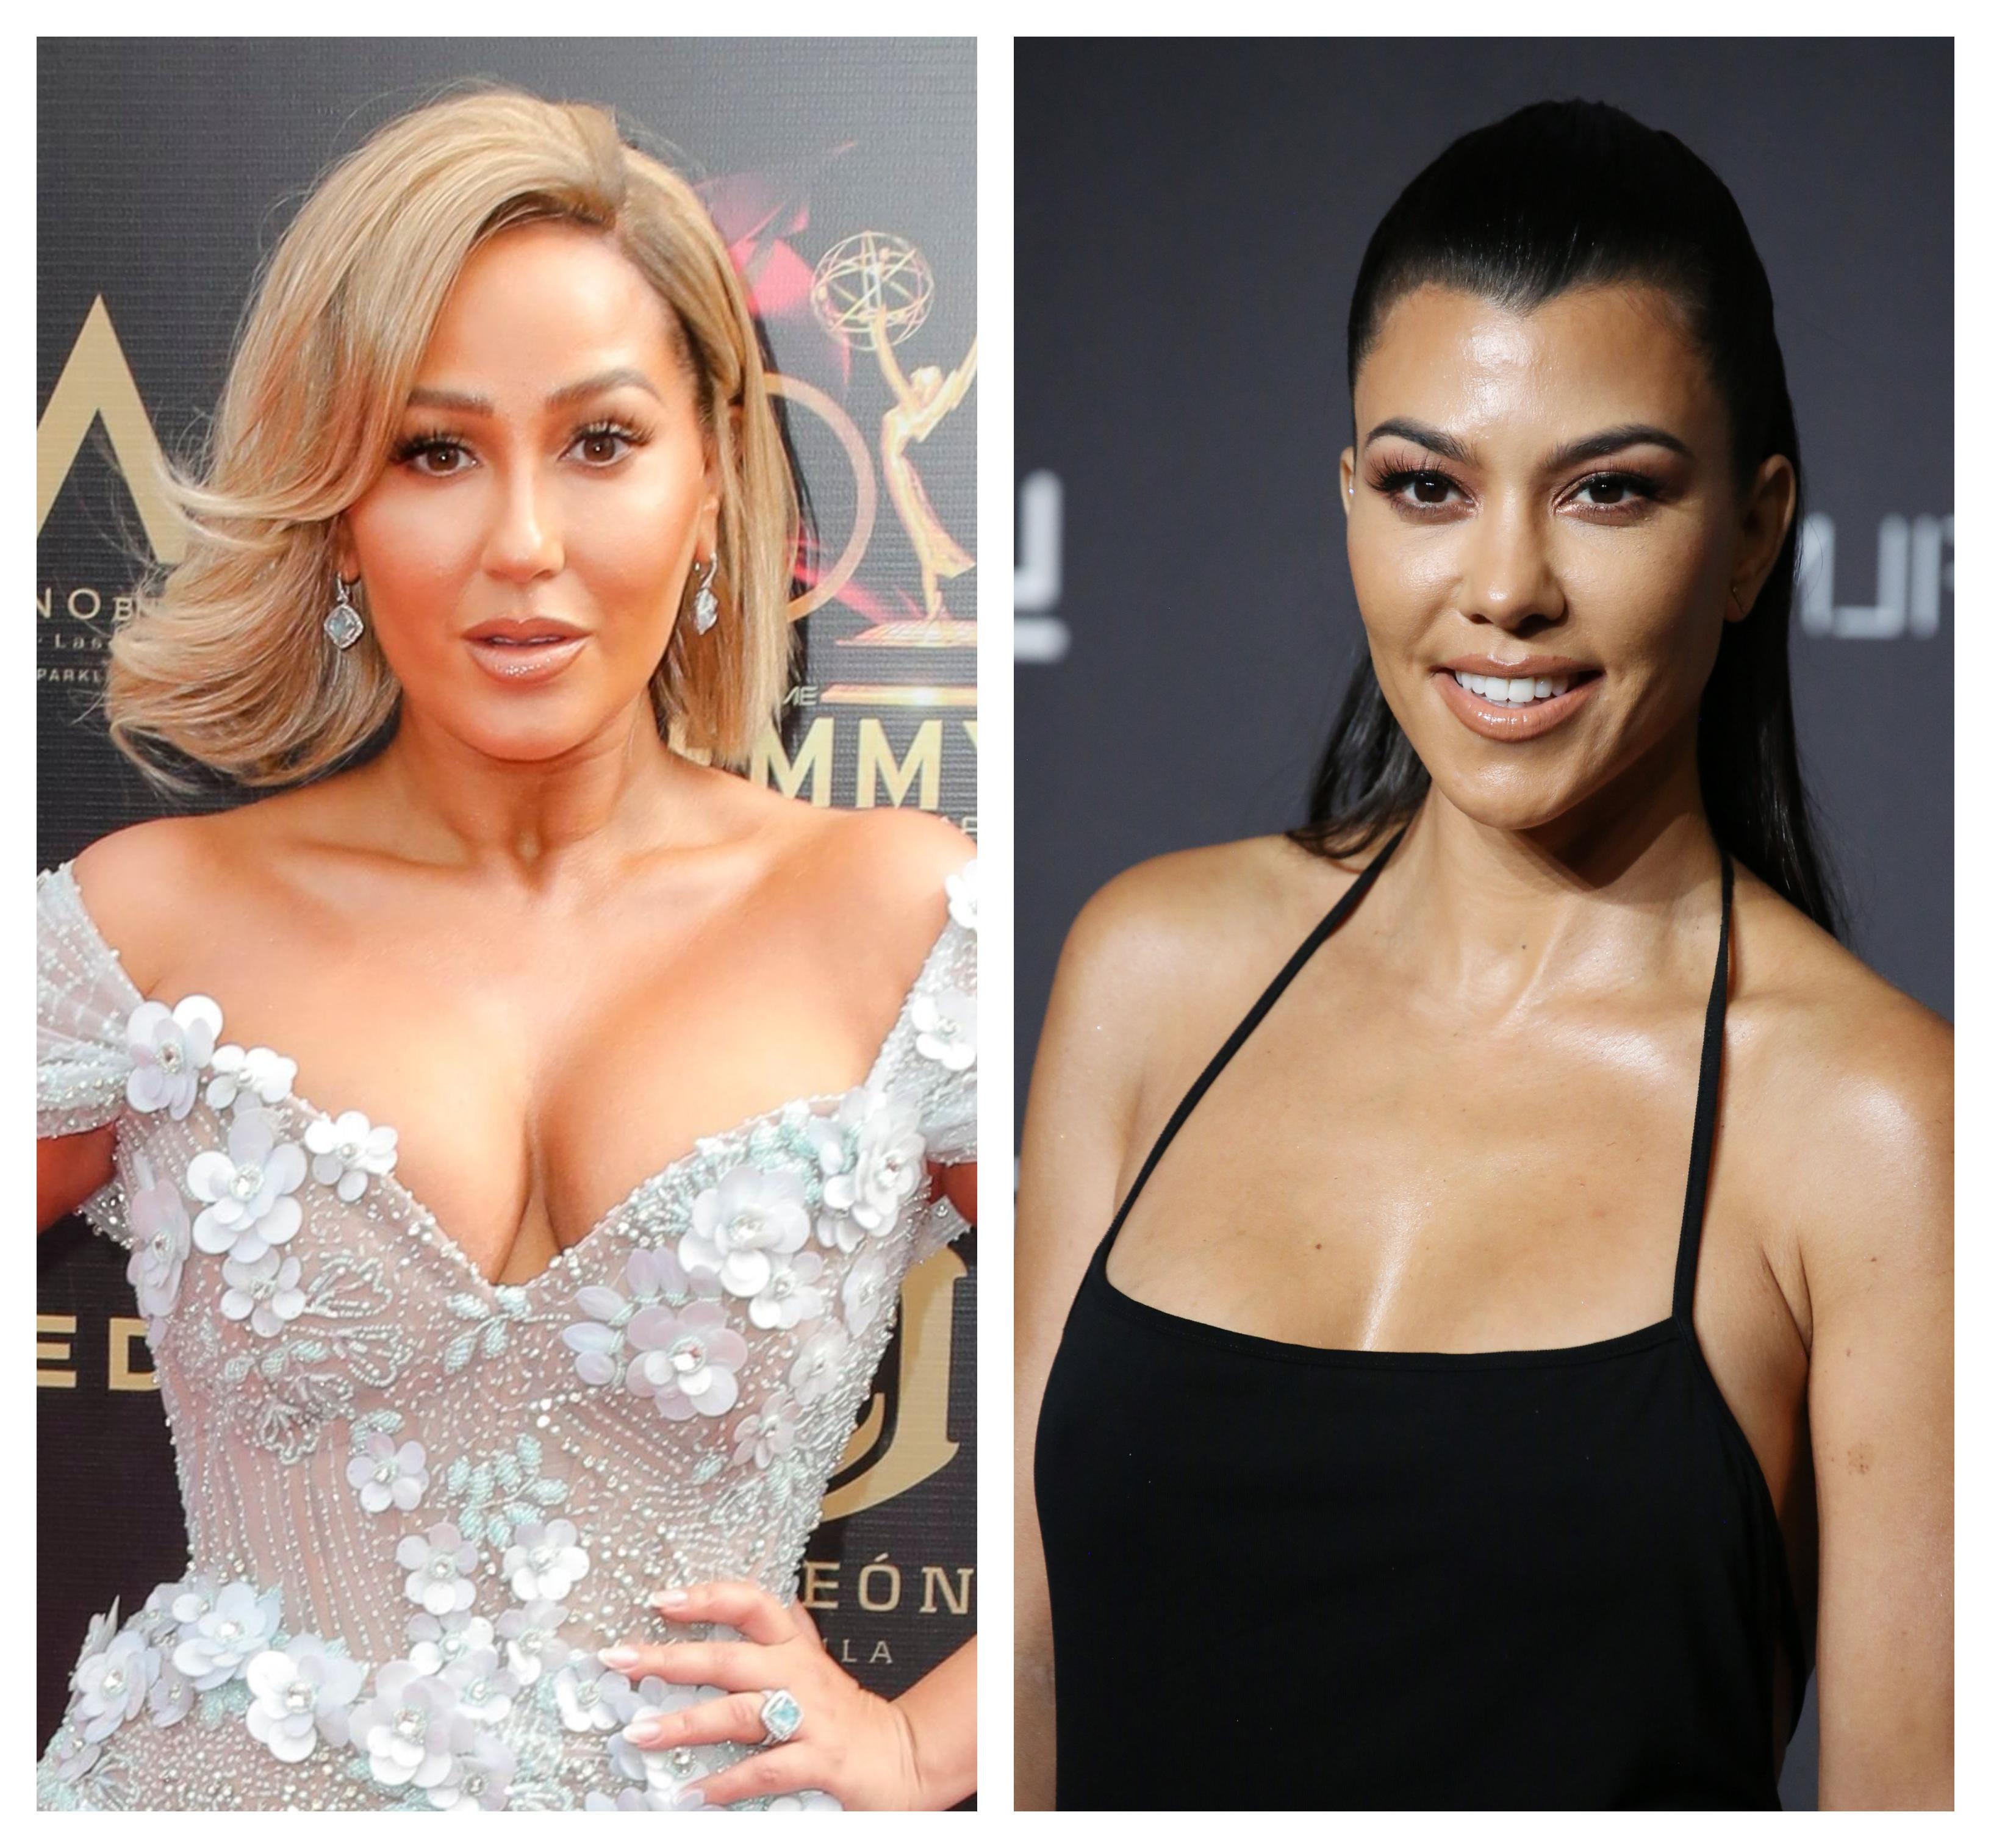 Kourtney Kardashian Gushes That Rob Kardashian's Ex Adrienne Bailon Is Her 'Sis for Life'